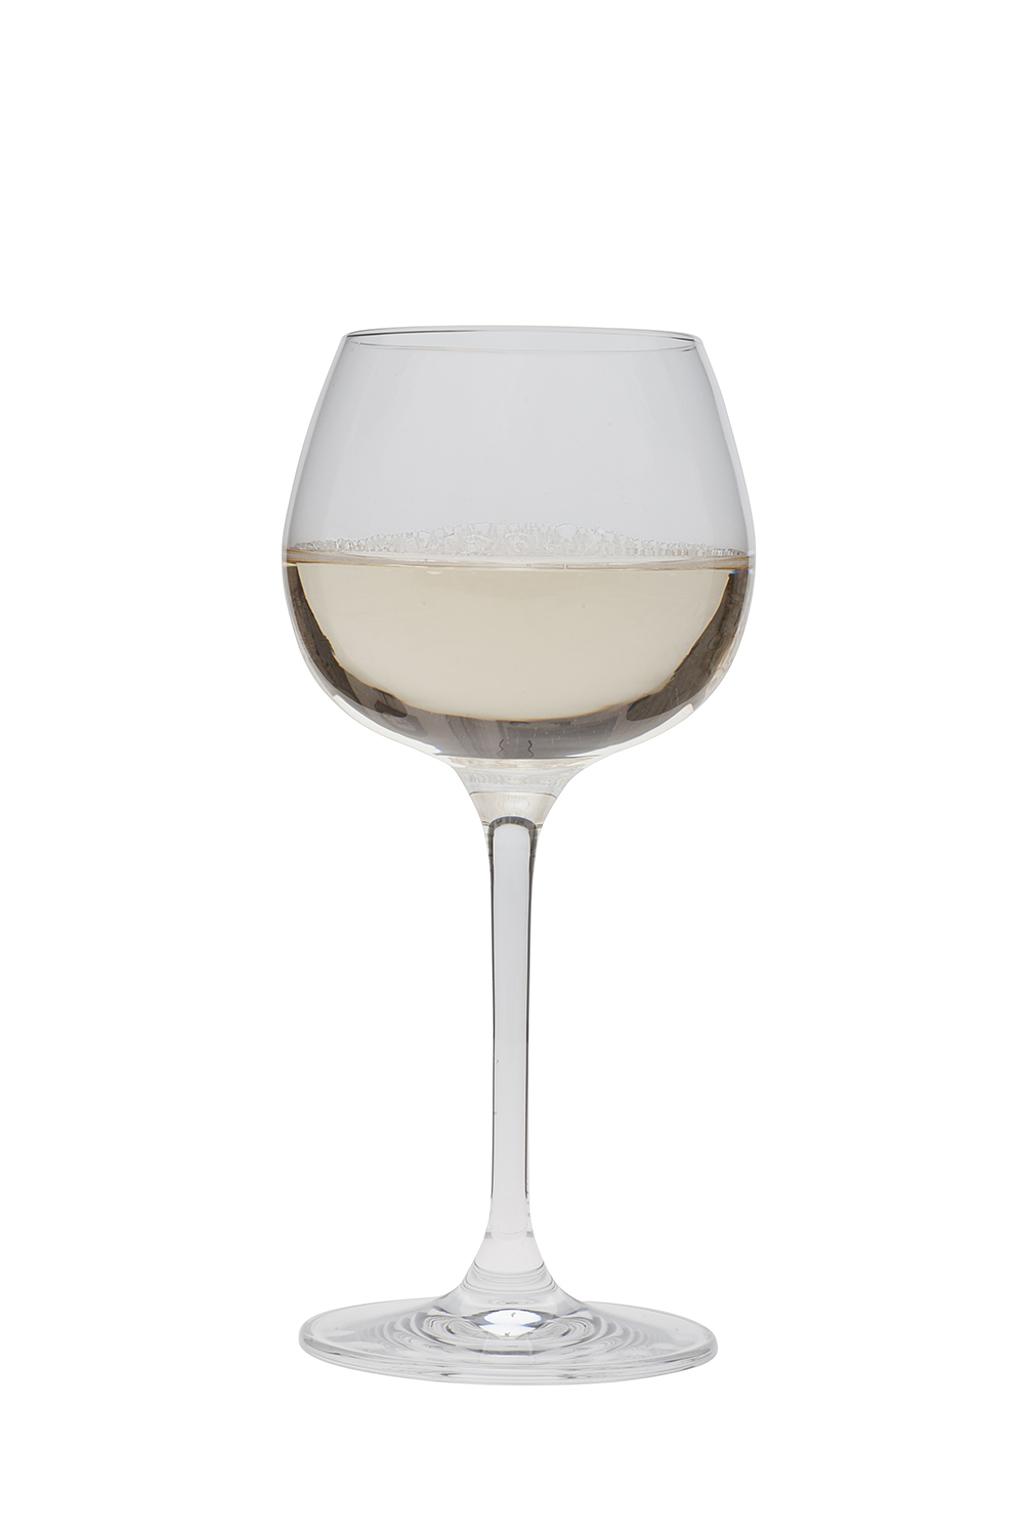 VILLEROY & BOCH Set van 4 witte wijnglazen 'Purismo'